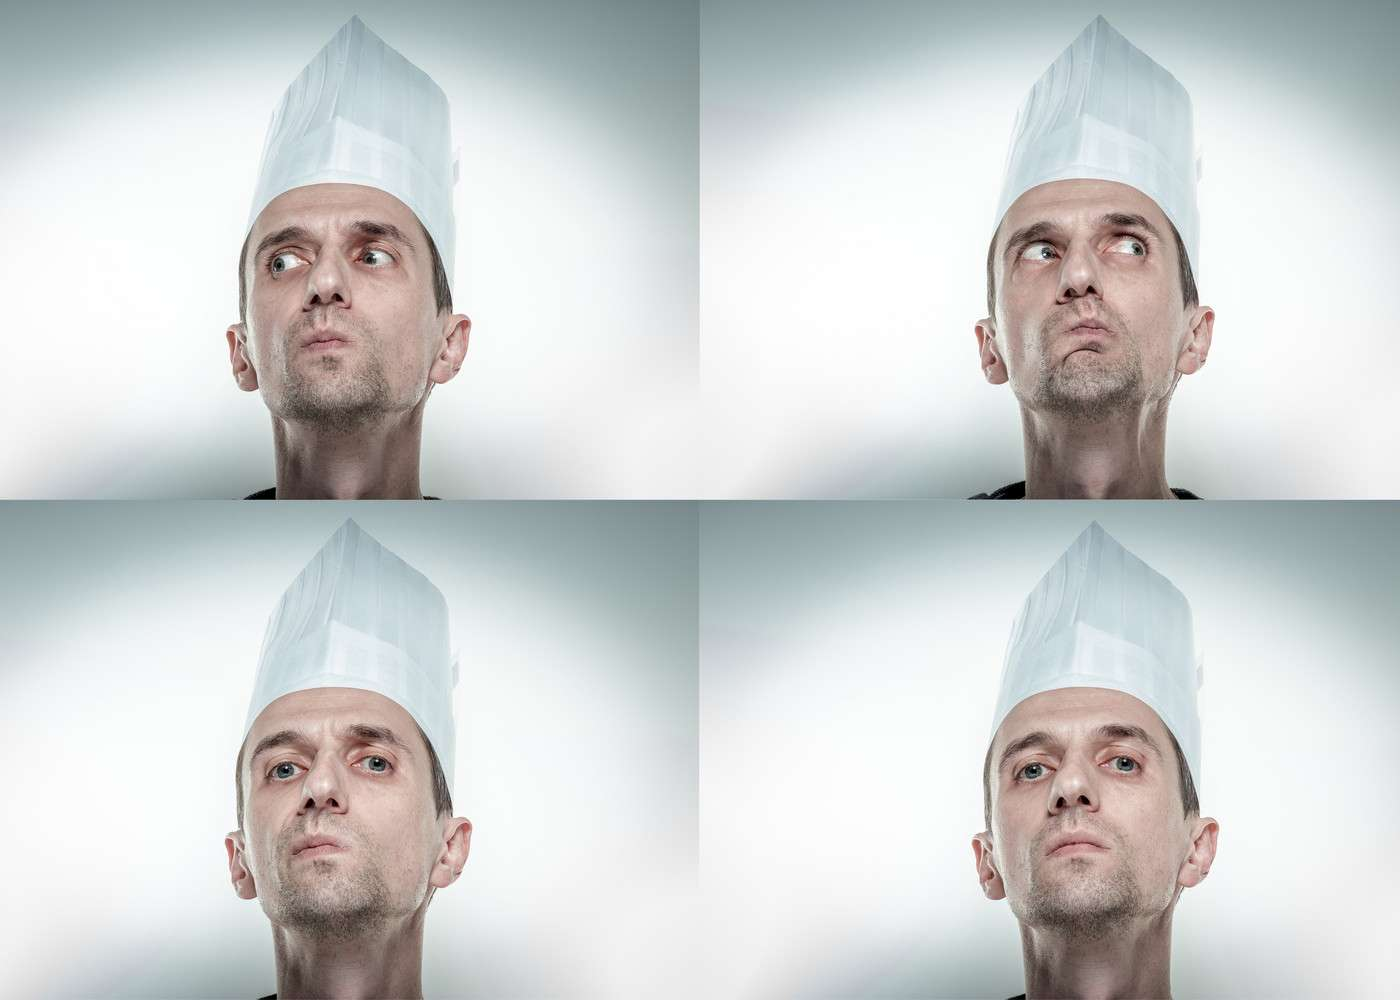 Un GIF animé permet de stocker plusieurs images dans un même fichier. Ces quatre images statiques pourraient par exemple être regroupées et l'homme apparaîtrait alors en mouvement. © Stone36, Shutterstock